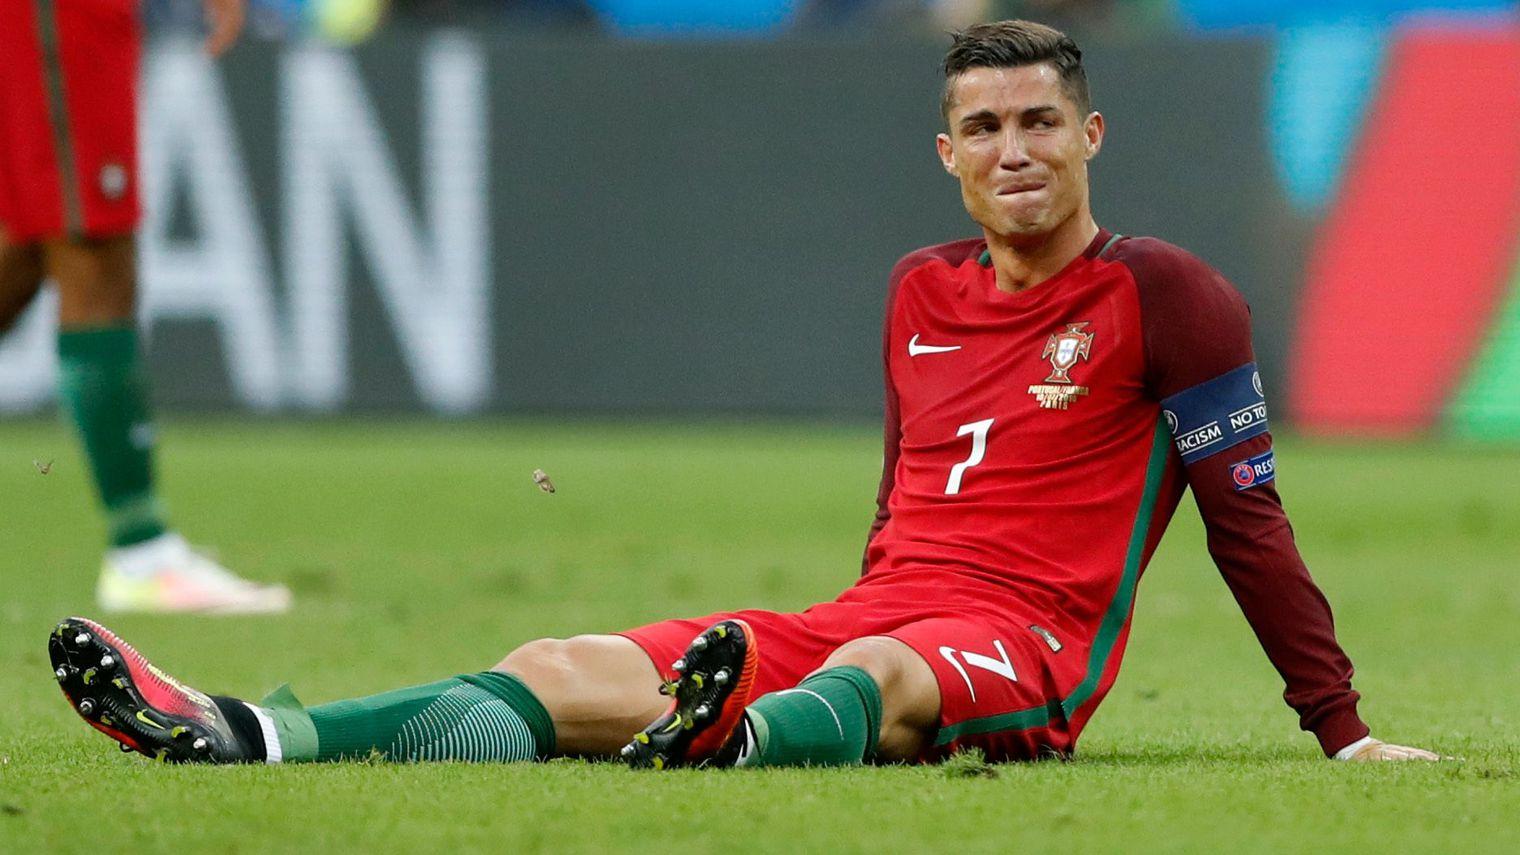 Euro 2016 Les Larmes De Douleur Et De Joie De Cristiano Ronaldo